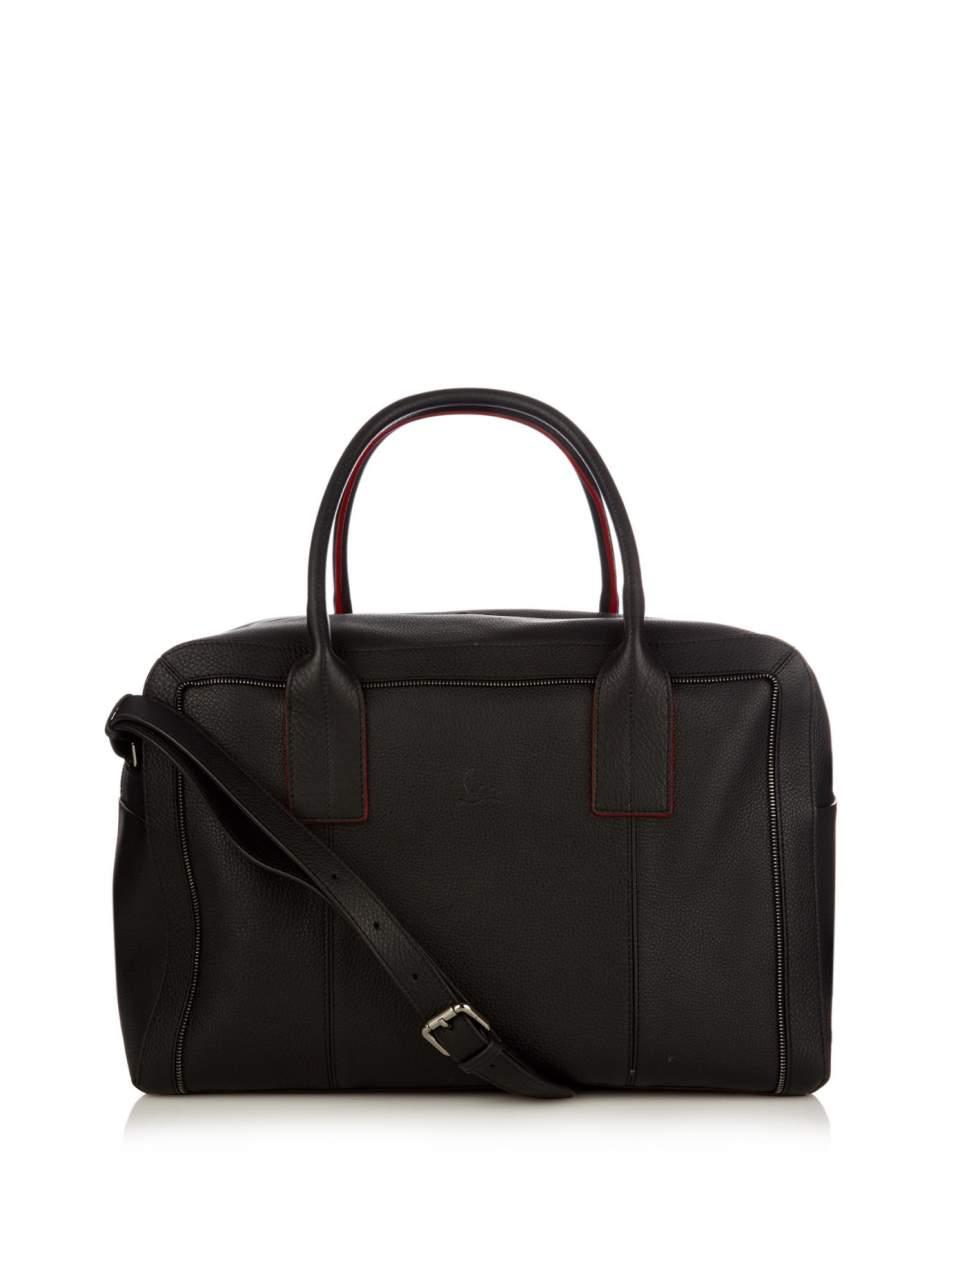 ビジネスバッグはスマートでおしゃれな逸品を。心からおすすめしたいビジネス向けバッグ3選 2番目の画像